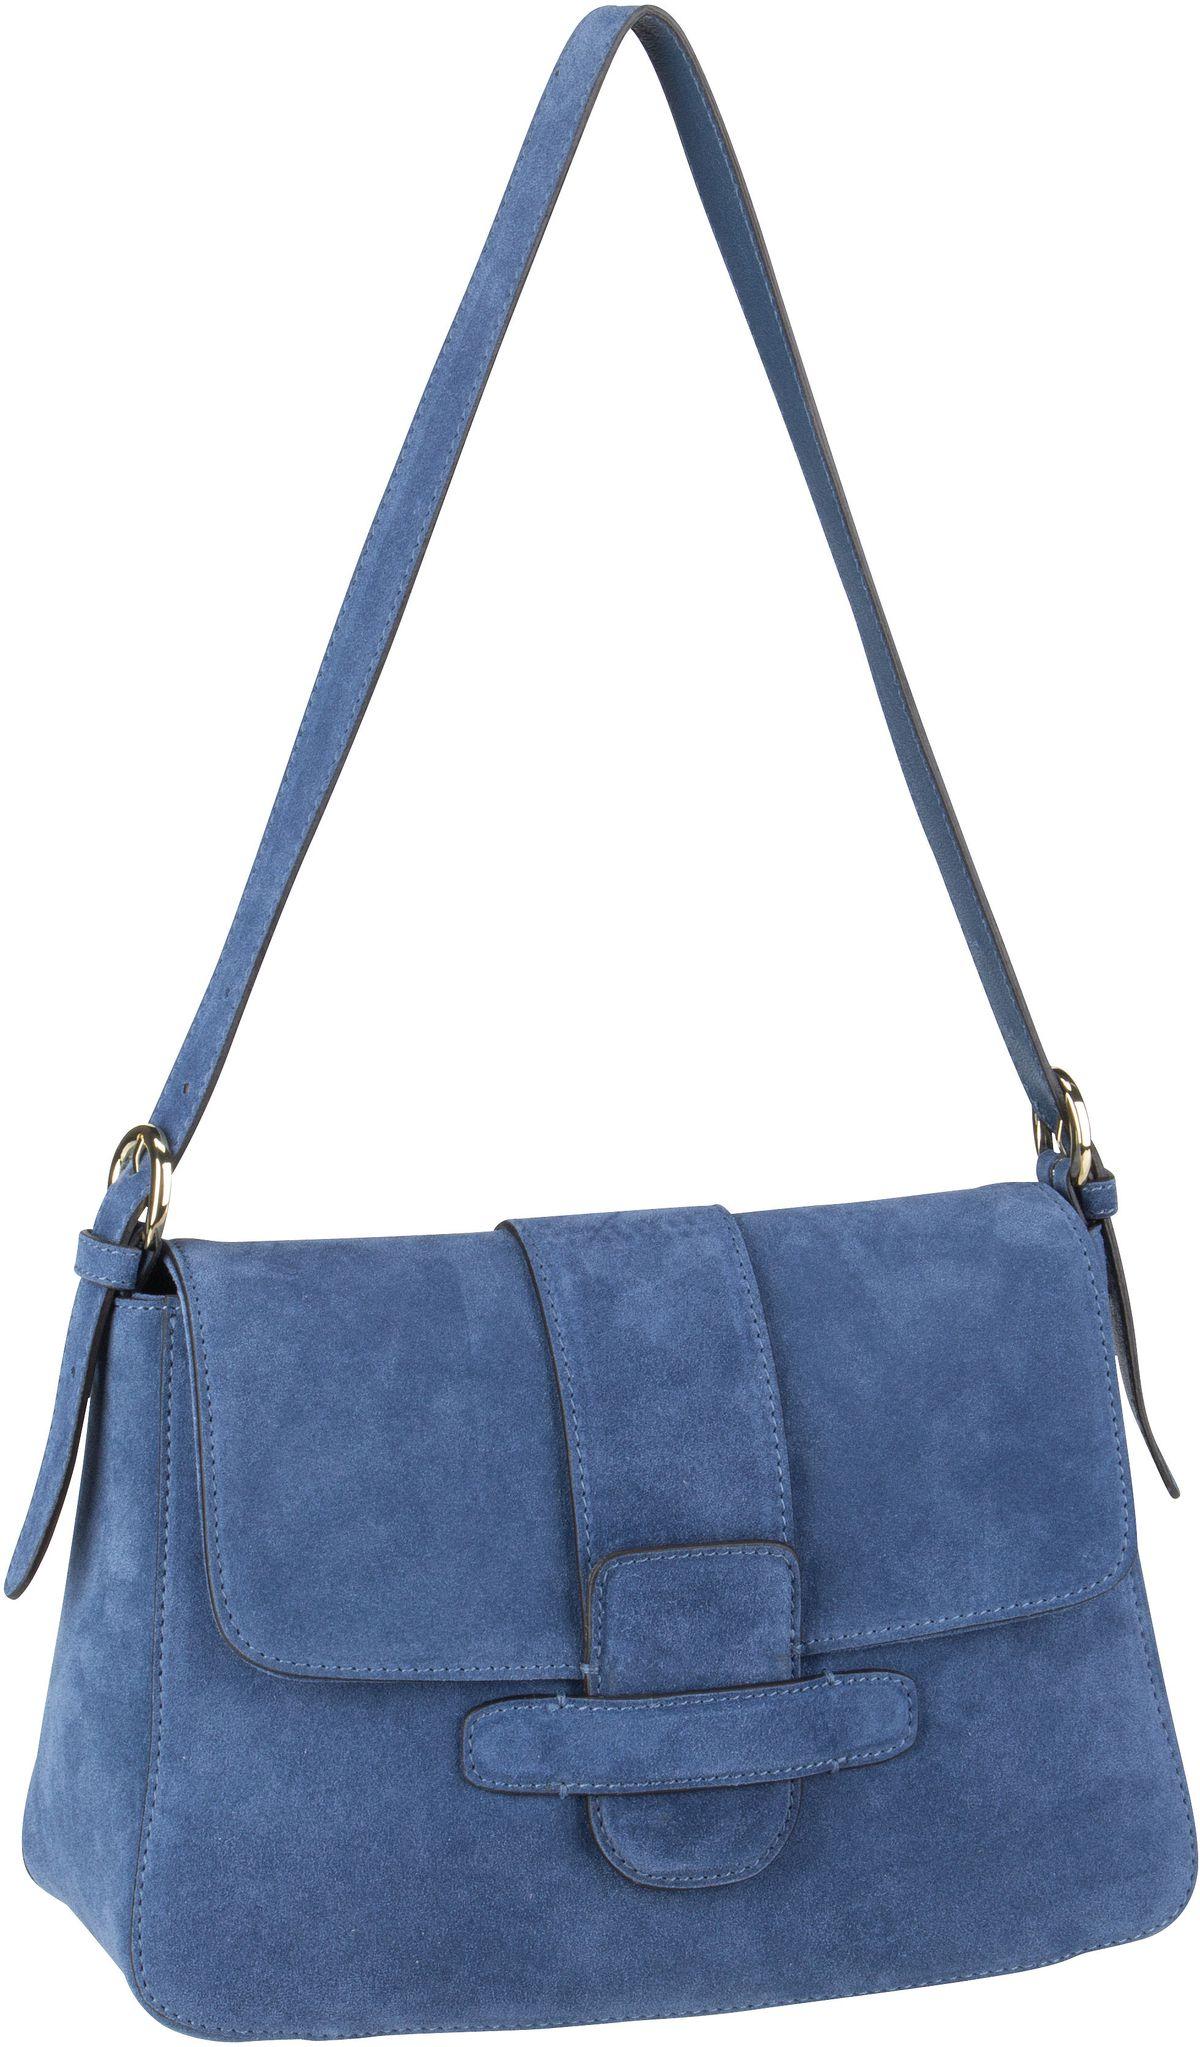 Handtasche Camilla 28914 Blueberry